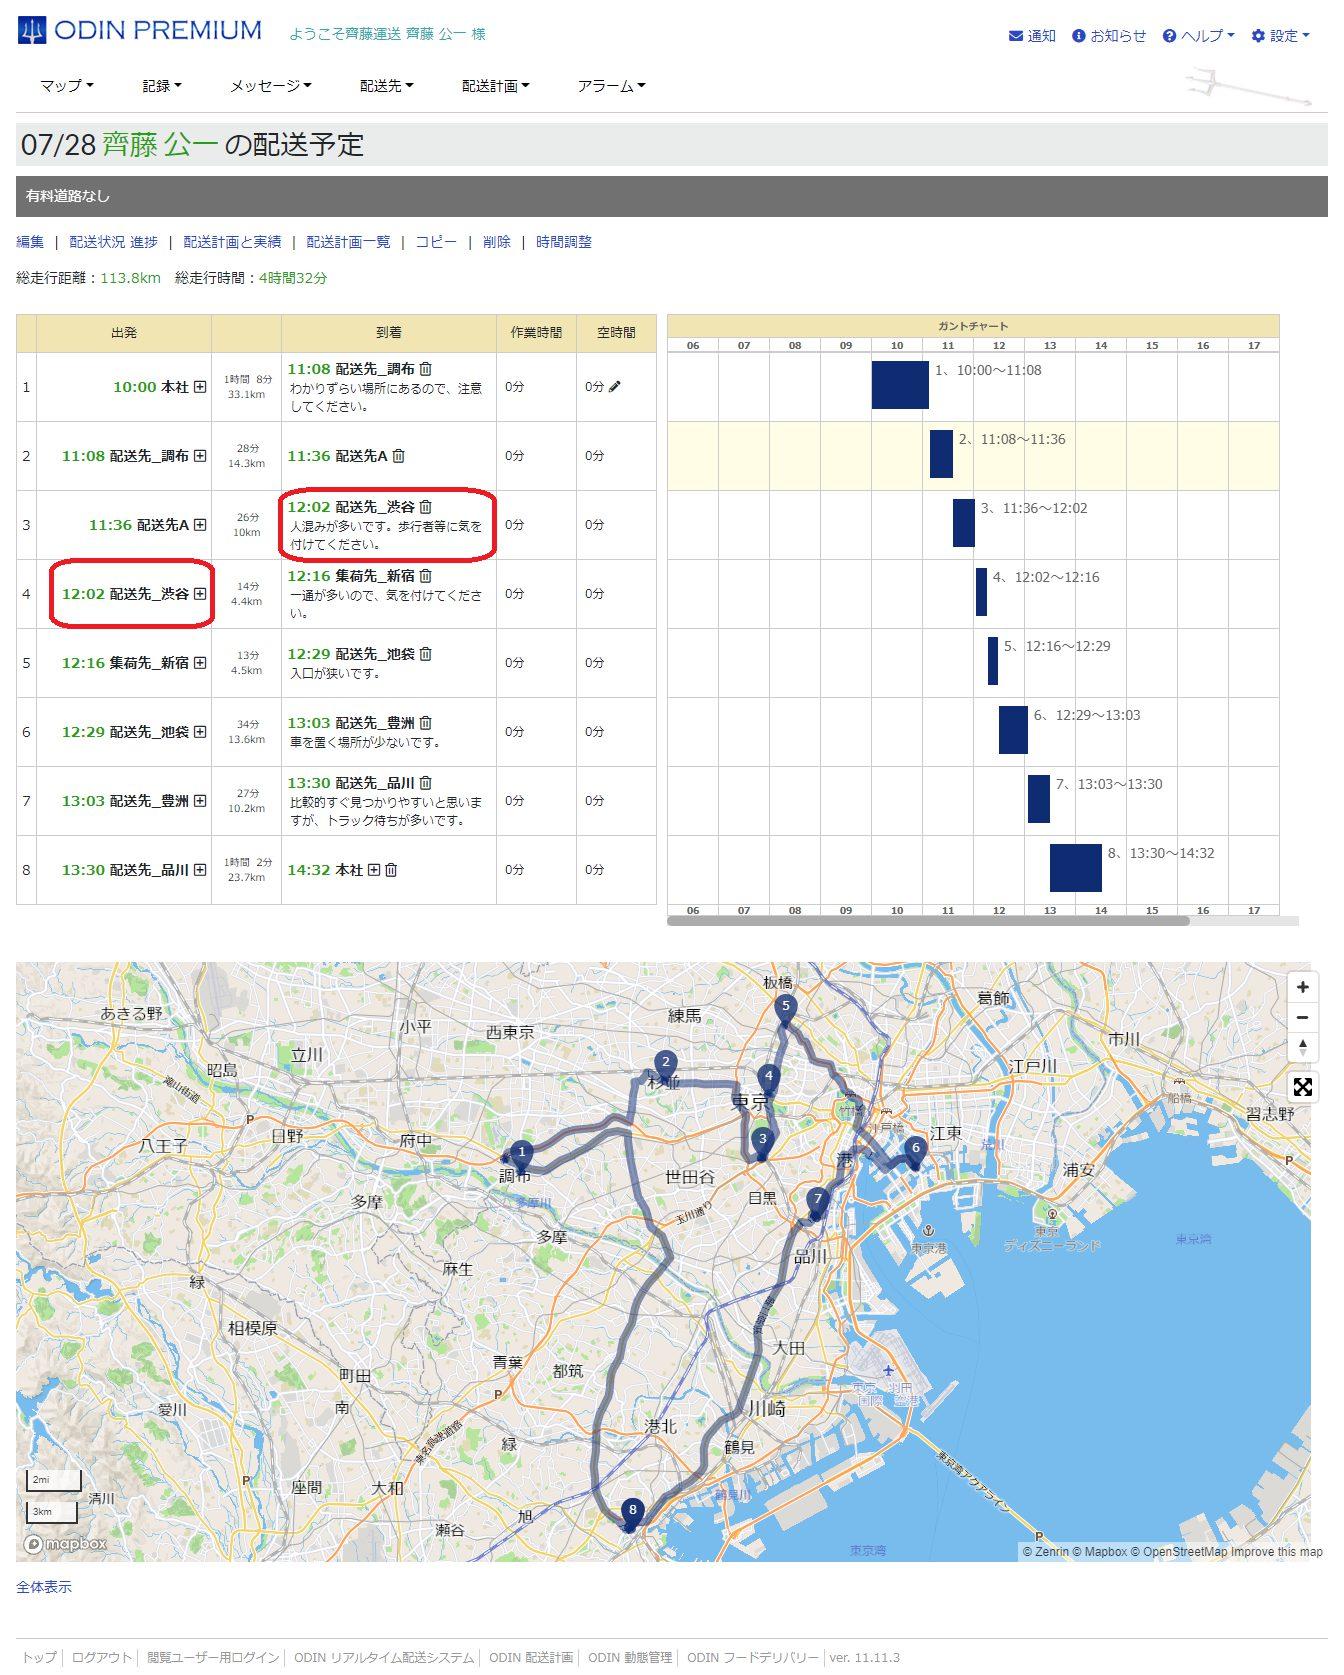 配送計画閲覧、行先削除前の画面です。今回は、「配送先_渋谷」を削除します。